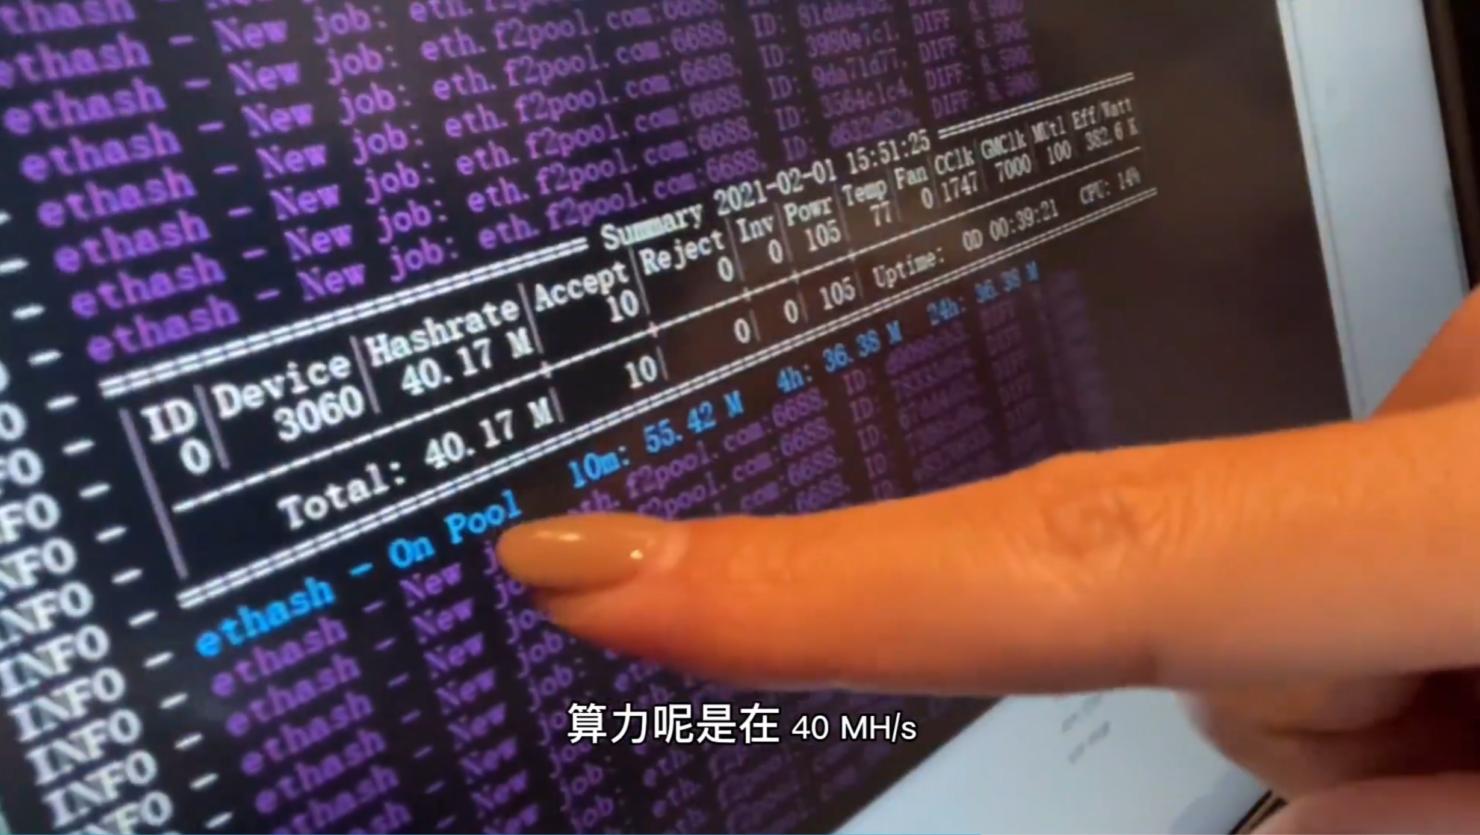 nvidia-geforce-rtx-30-gpus-_-cryptomining-cryptocurrency-gpu-mining-farm-etheruem-_6